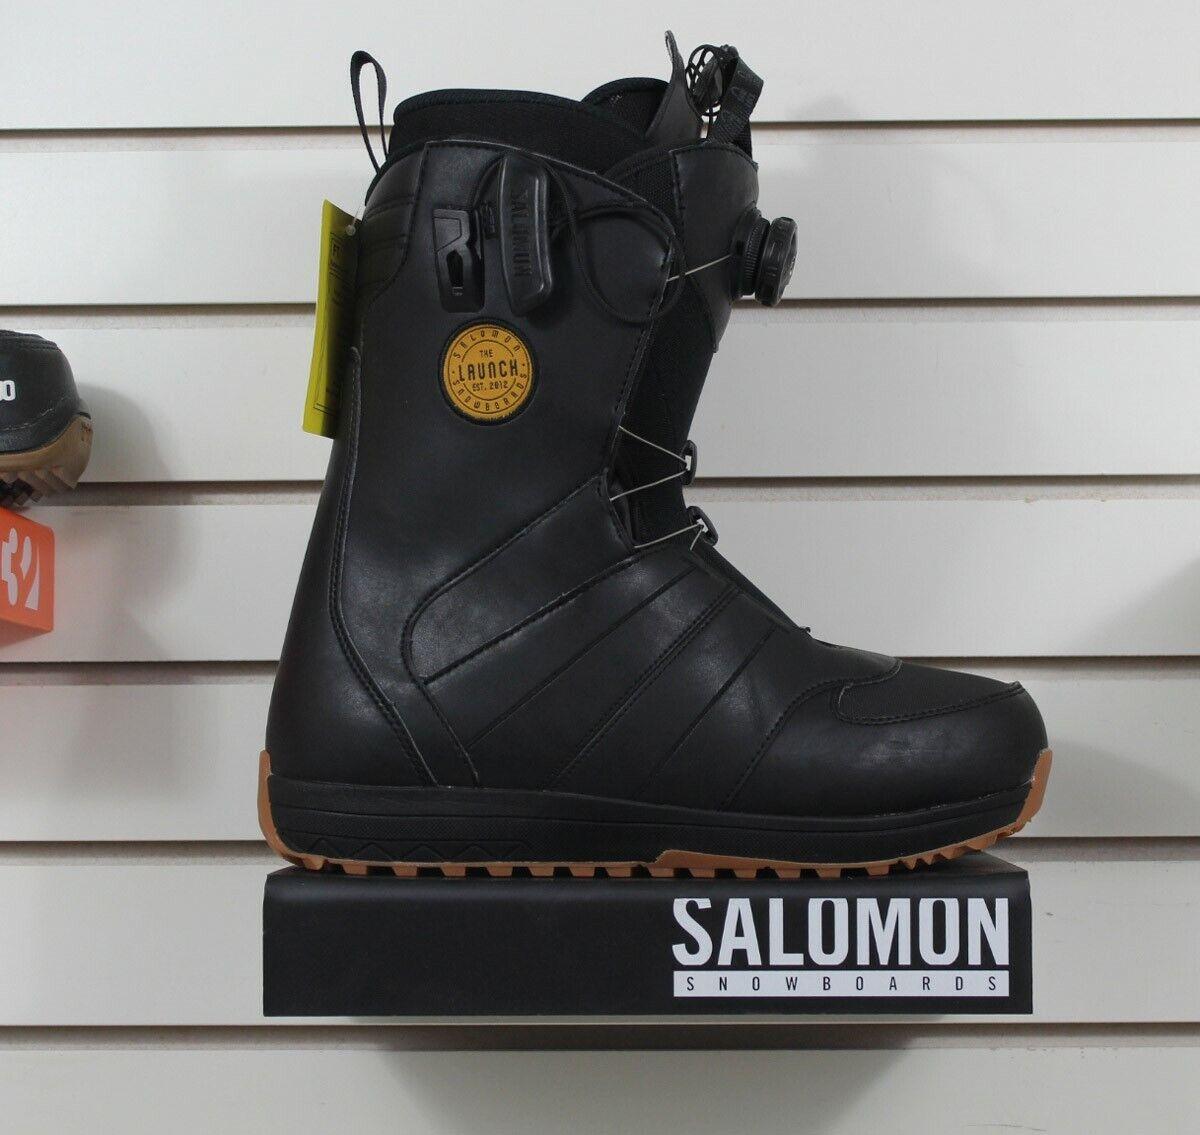 New 2018 Salomon Launch Boa SJ Snowboard Boots Size 9.5 Blac